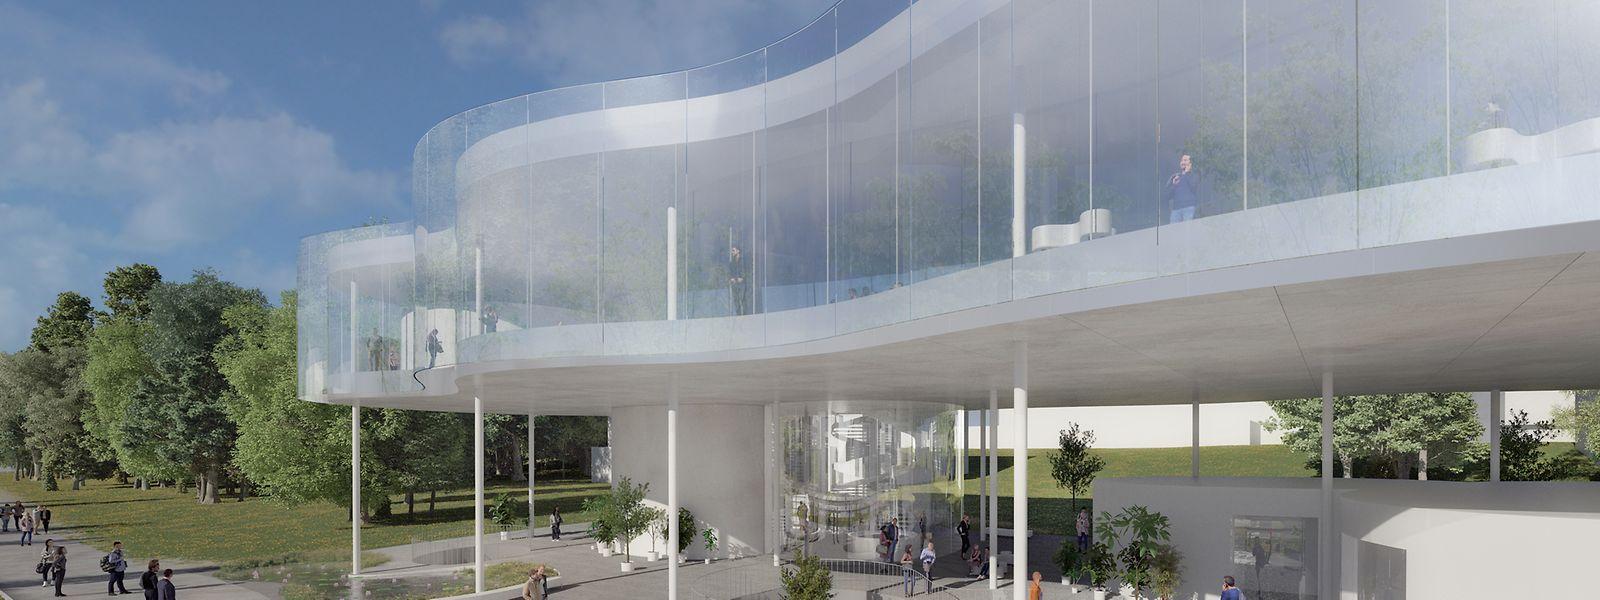 Das neue Eingangsportal zum Campus Kirchberg soll durch seine offene, transparente Struktur und seine Glasfassade auftrumpfen.